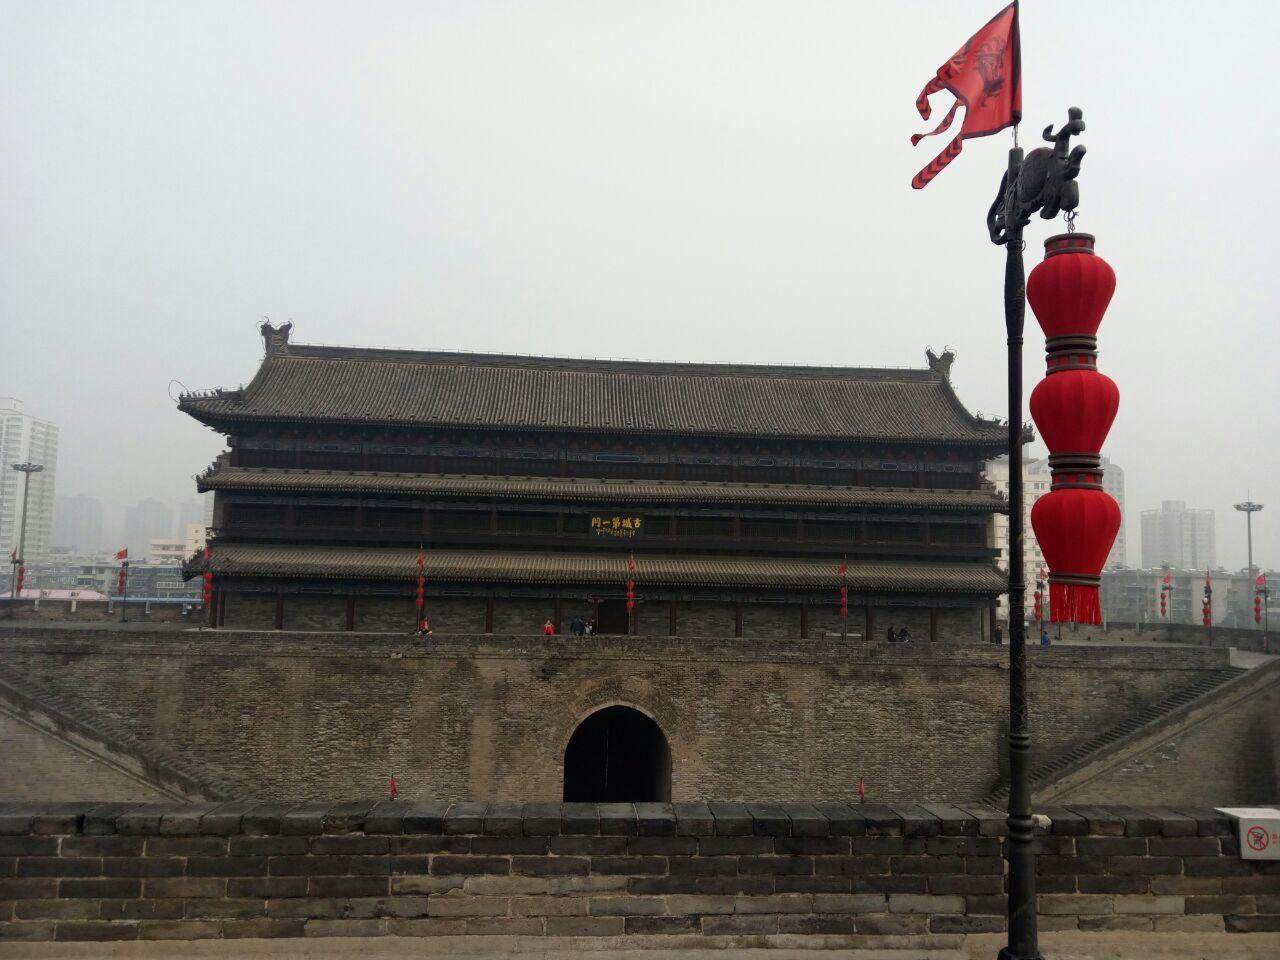 西安城墙旅游景点攻略图qq游戏里的西游记秘籍图片